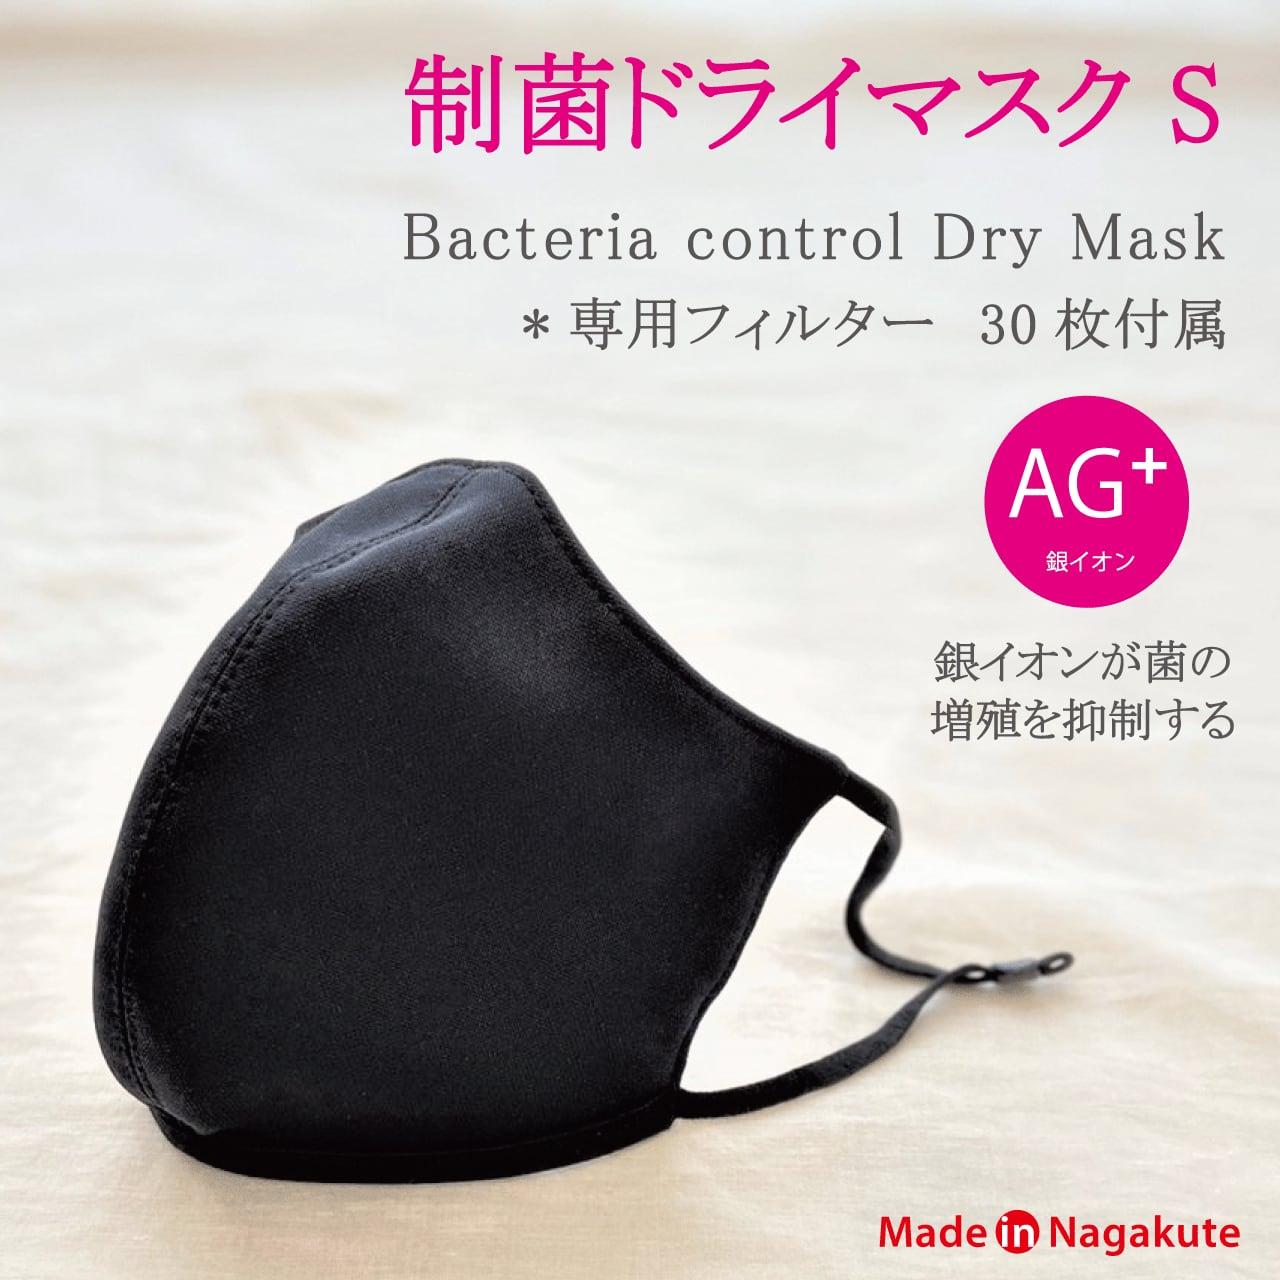 制菌ドライマスク / S size / MONOBLACK / 30枚高機能フィルター付